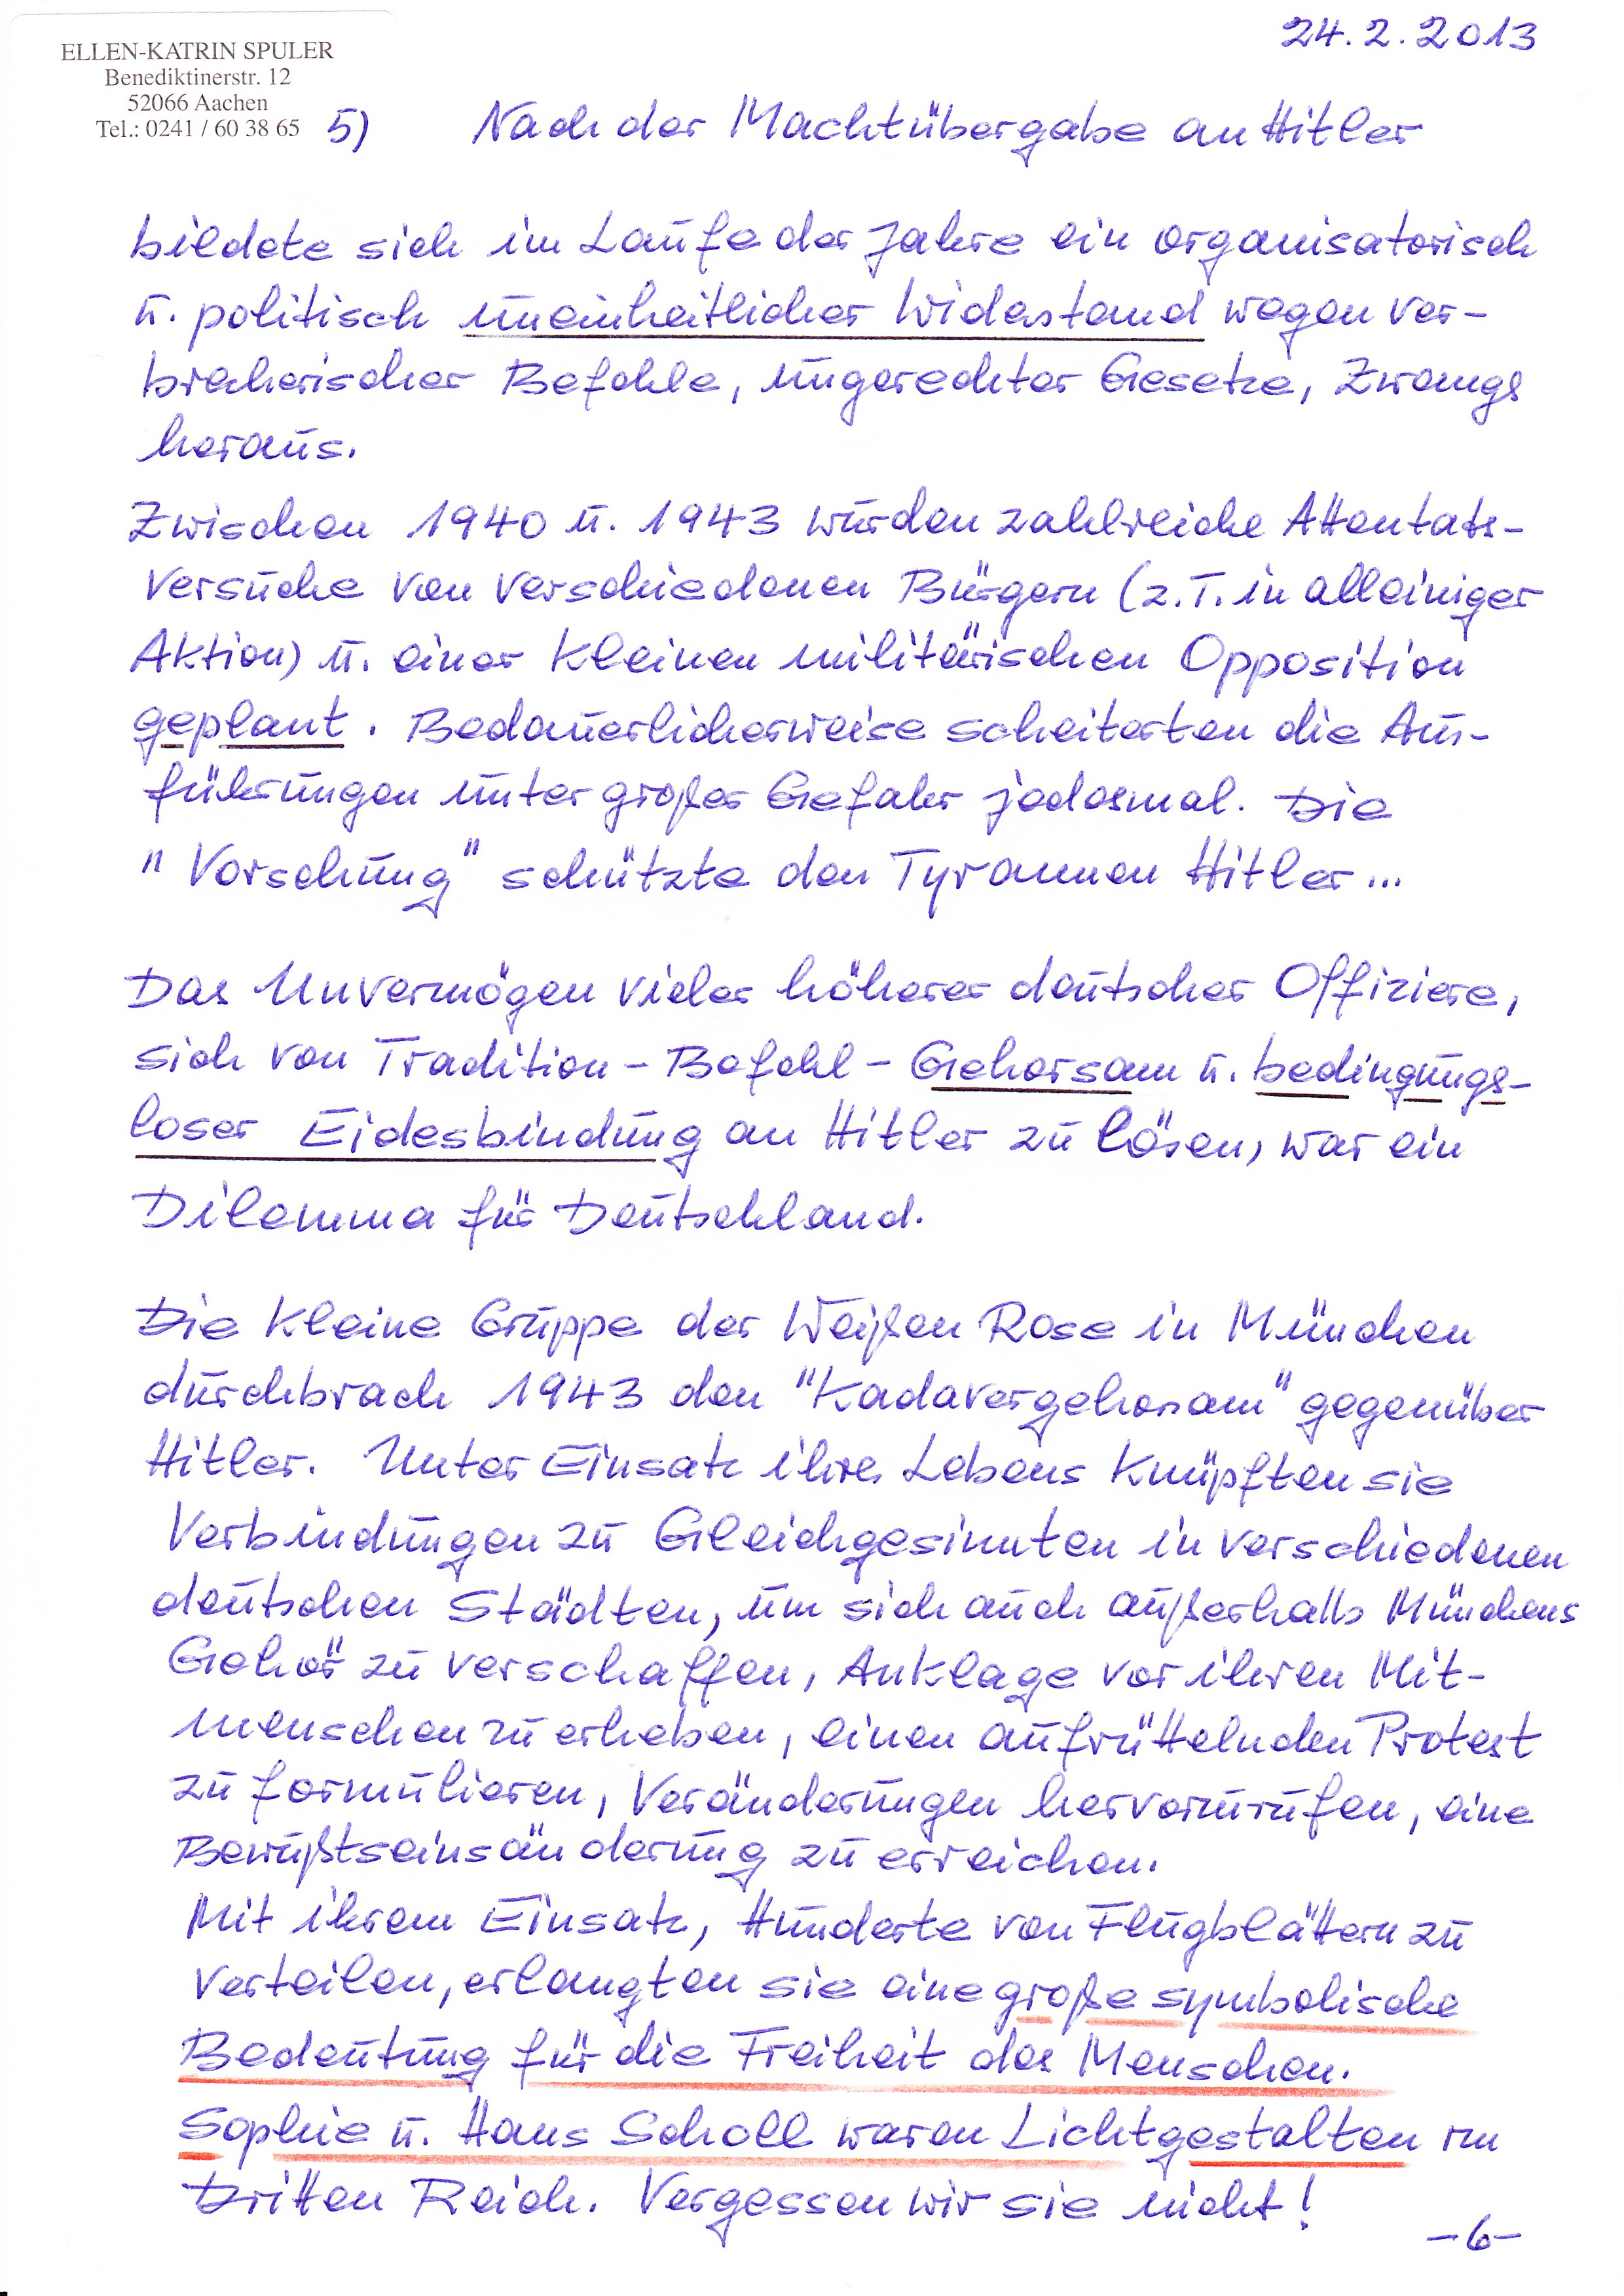 Klasse Brief Schreiben Beispiele Kaufvertrag Einfach Erklrt